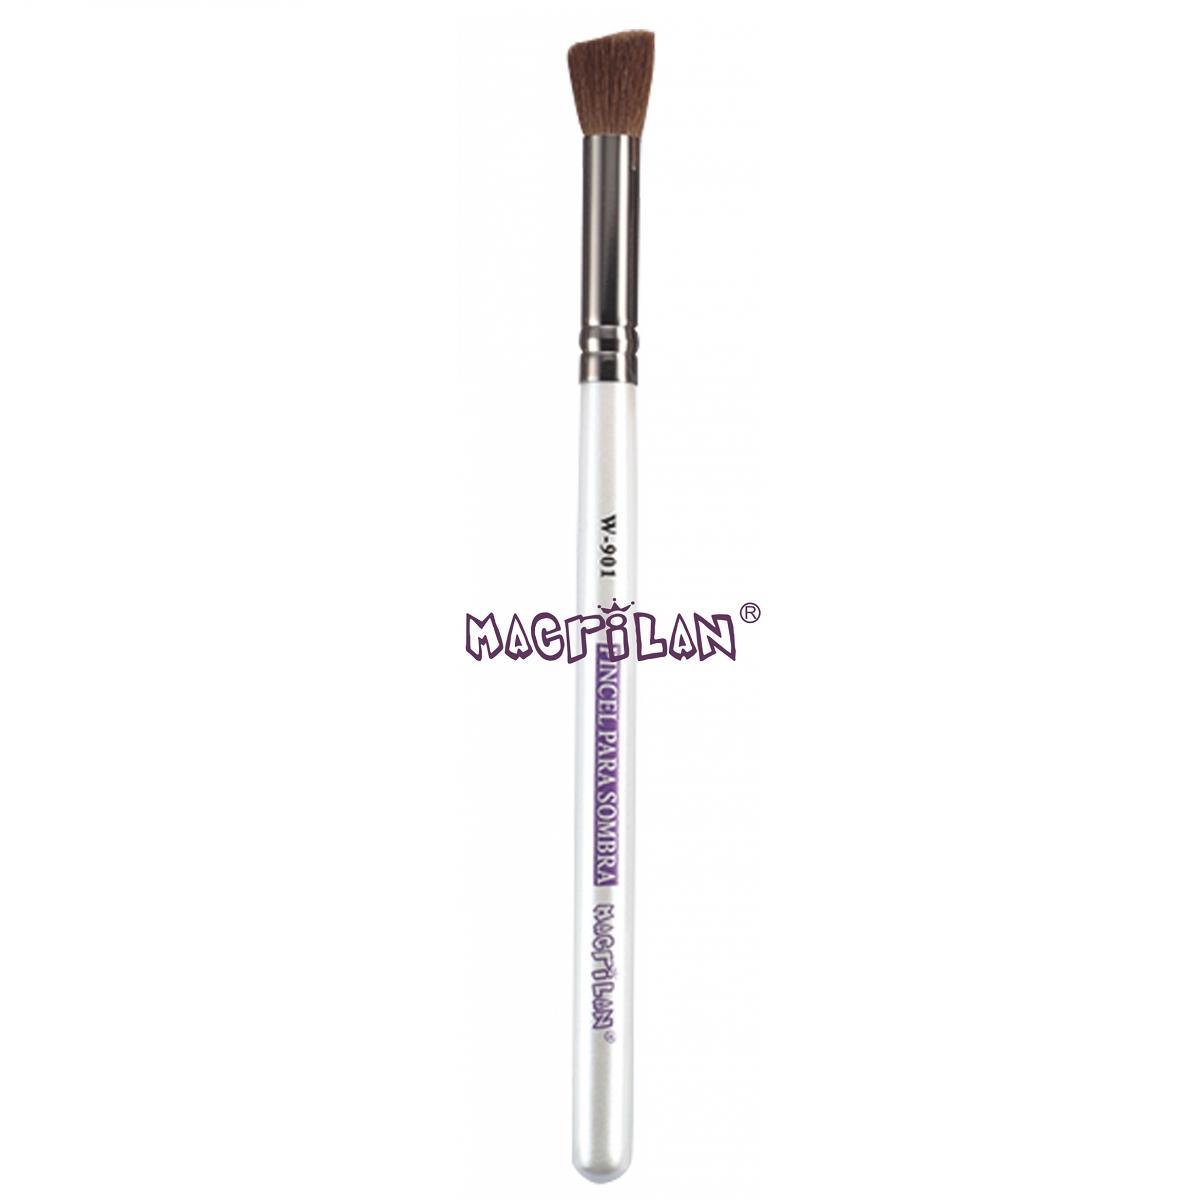 Pincel Macrilan para Sombra W901 - Maquiagem Profissional com Cerdas Naturais